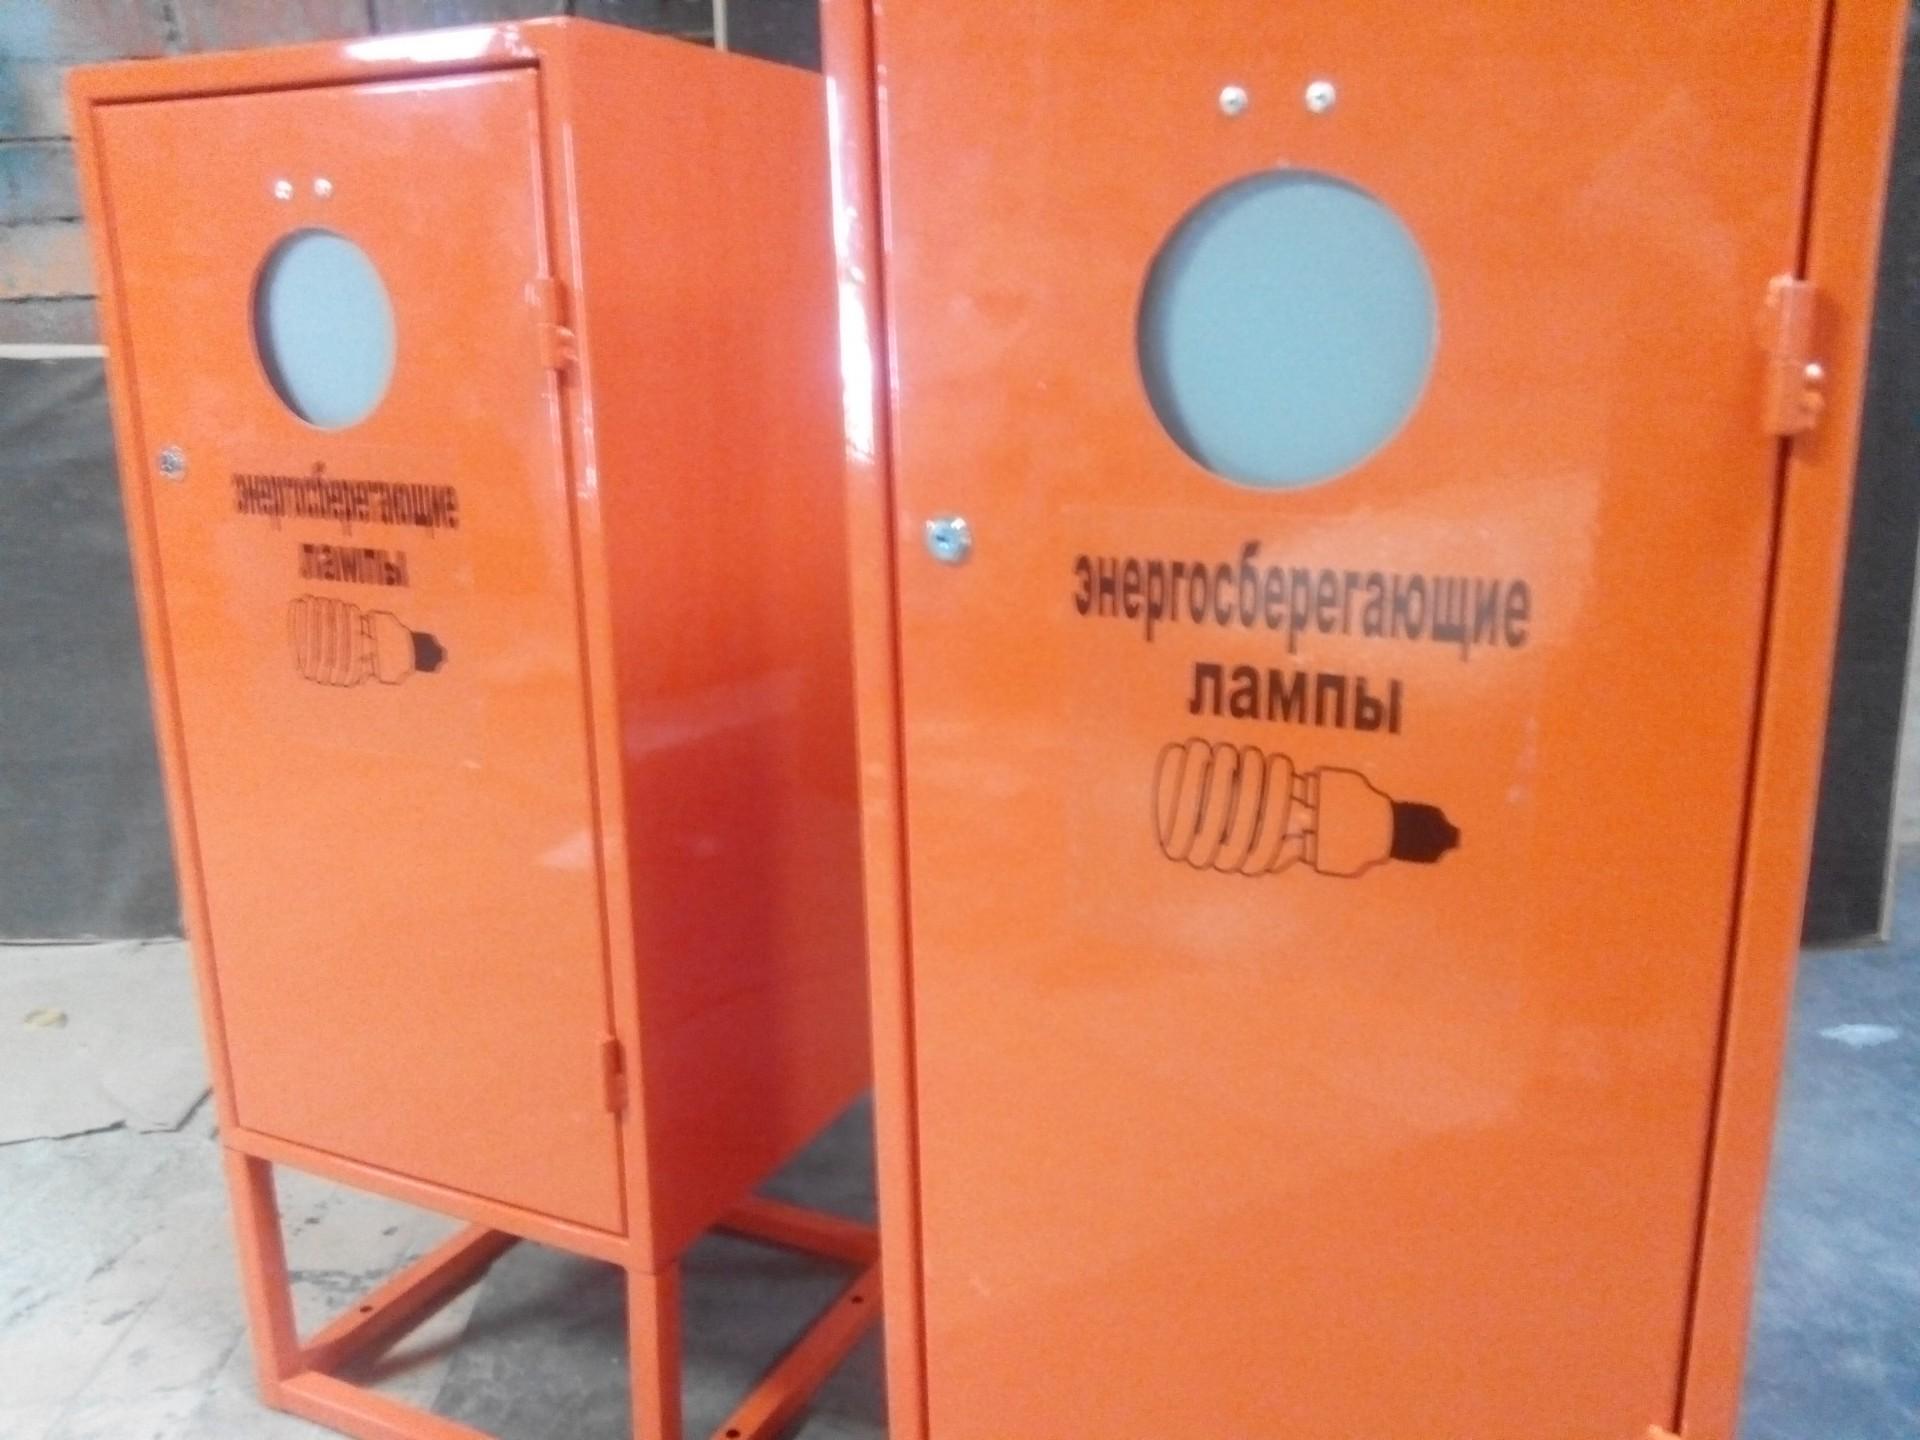 Контейнер для хранения отработанных энергосберегающих ламп